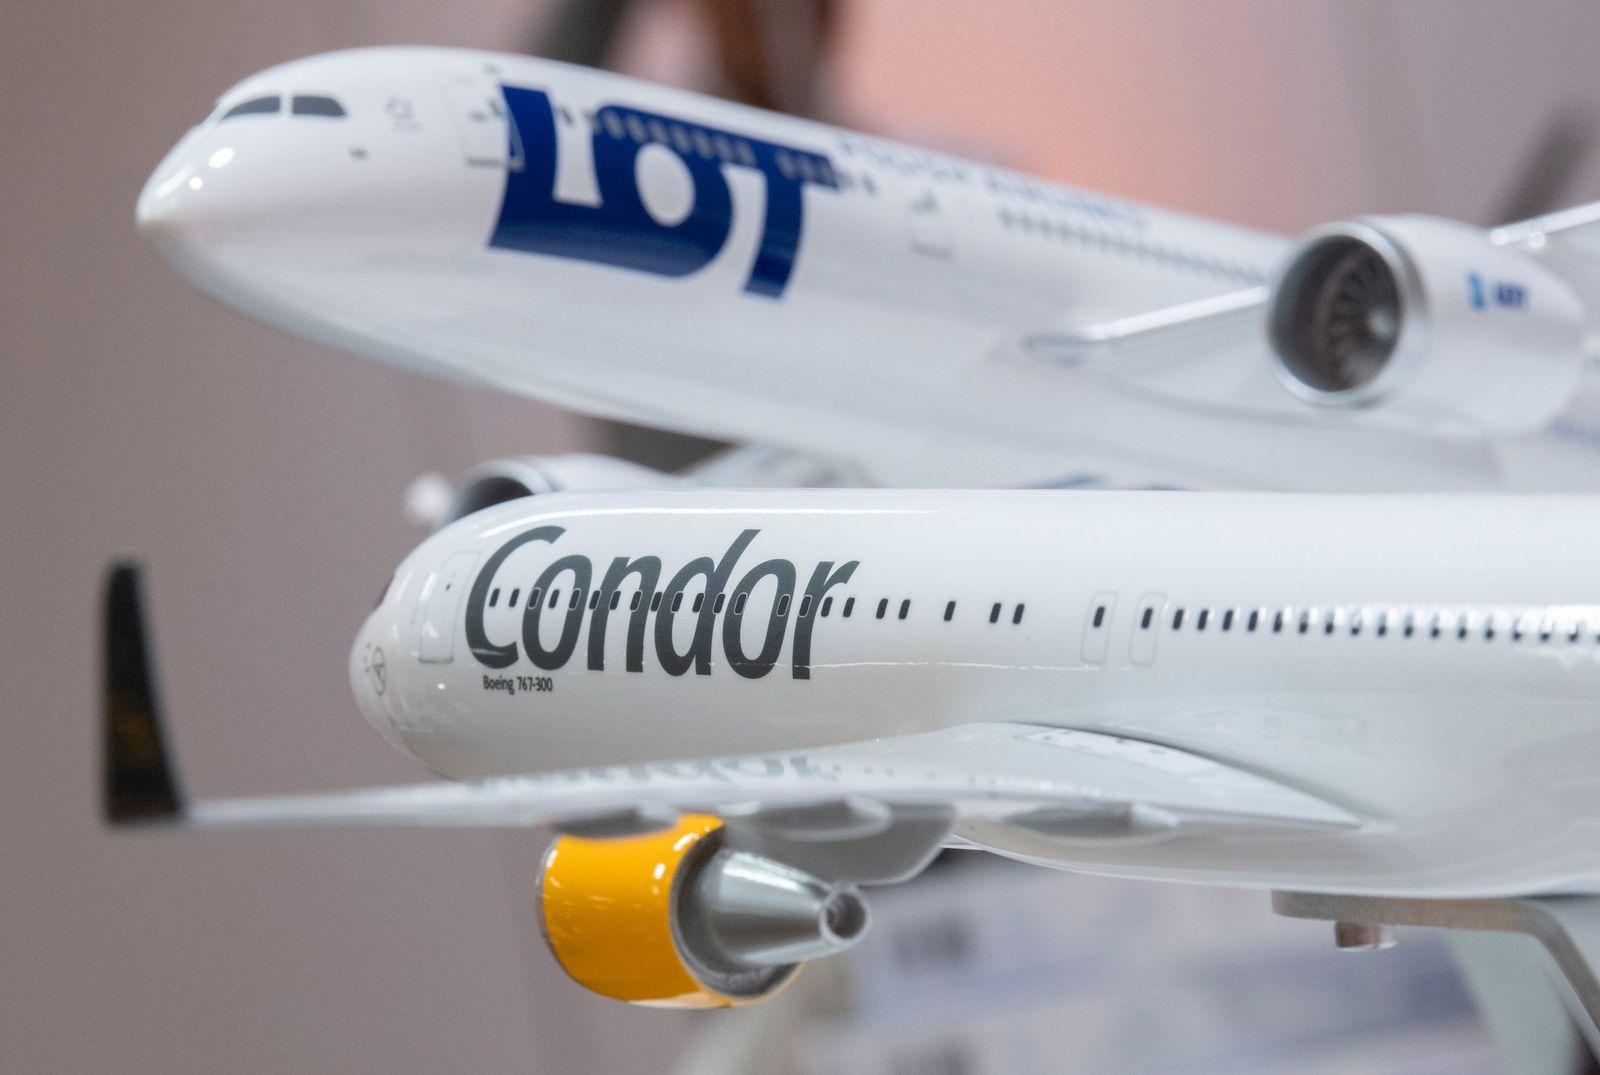 Polnische LOT zieht sich aus Condor-Übernahme zurück